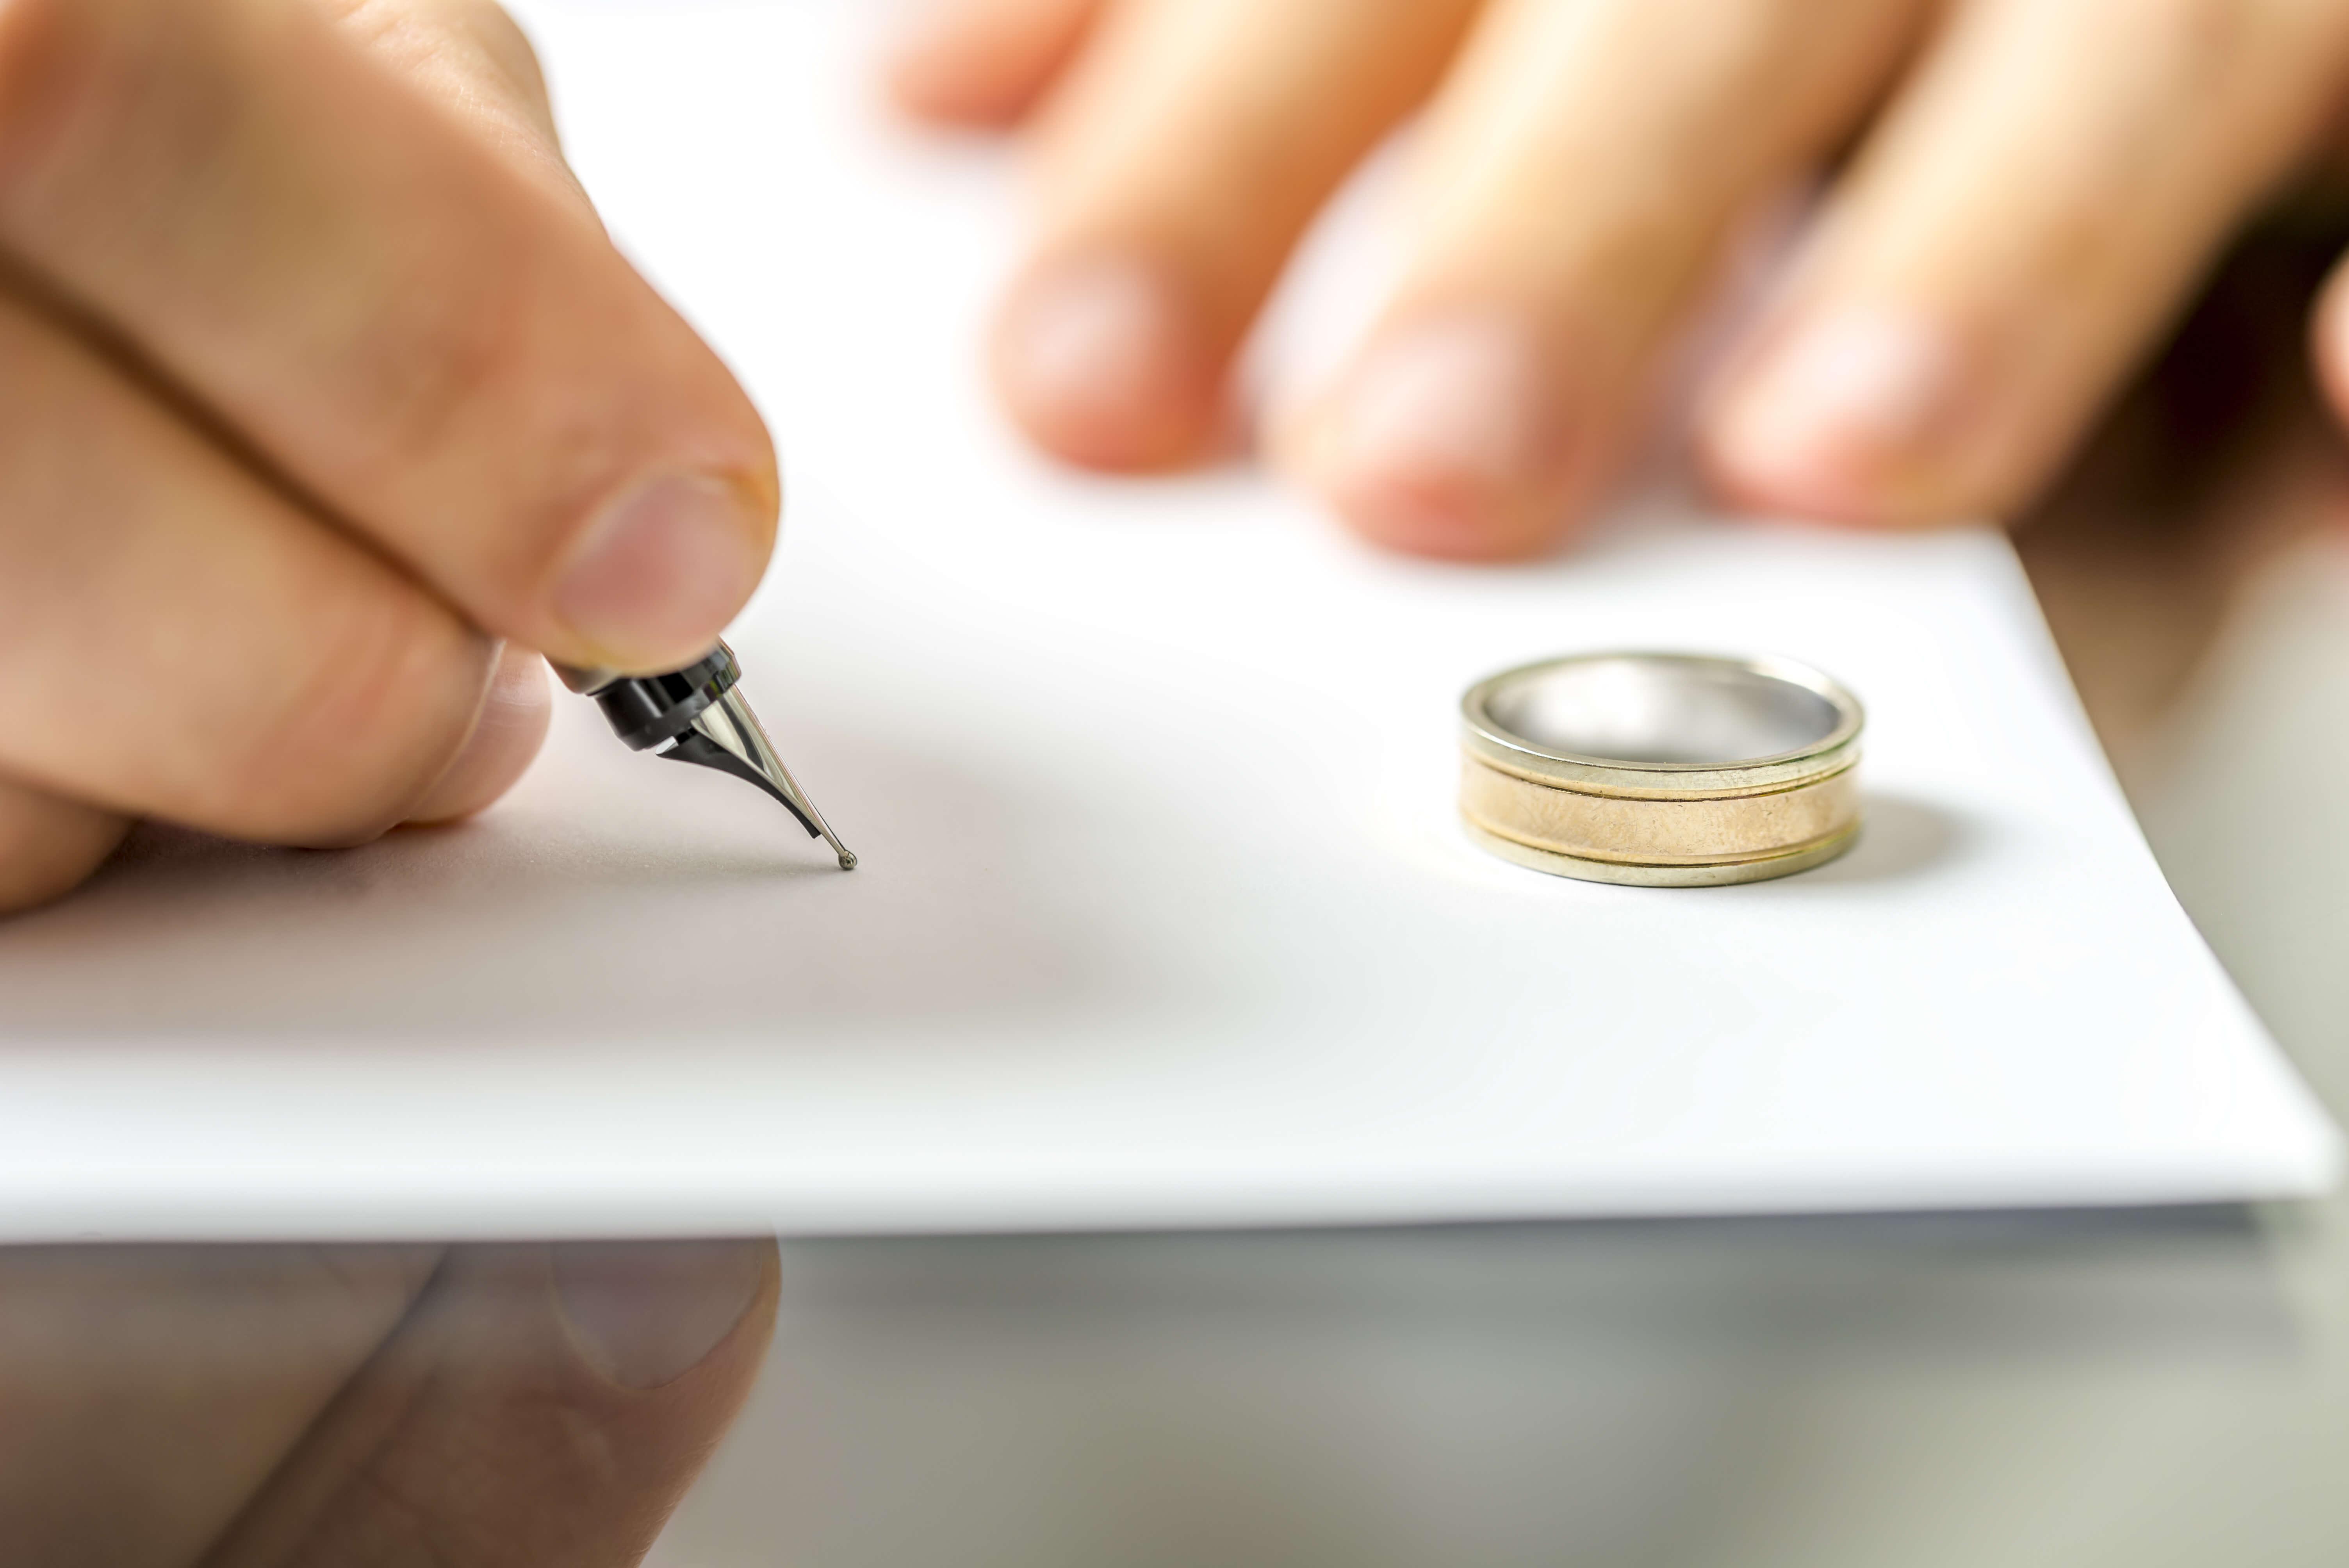 Starting Over After Divorce